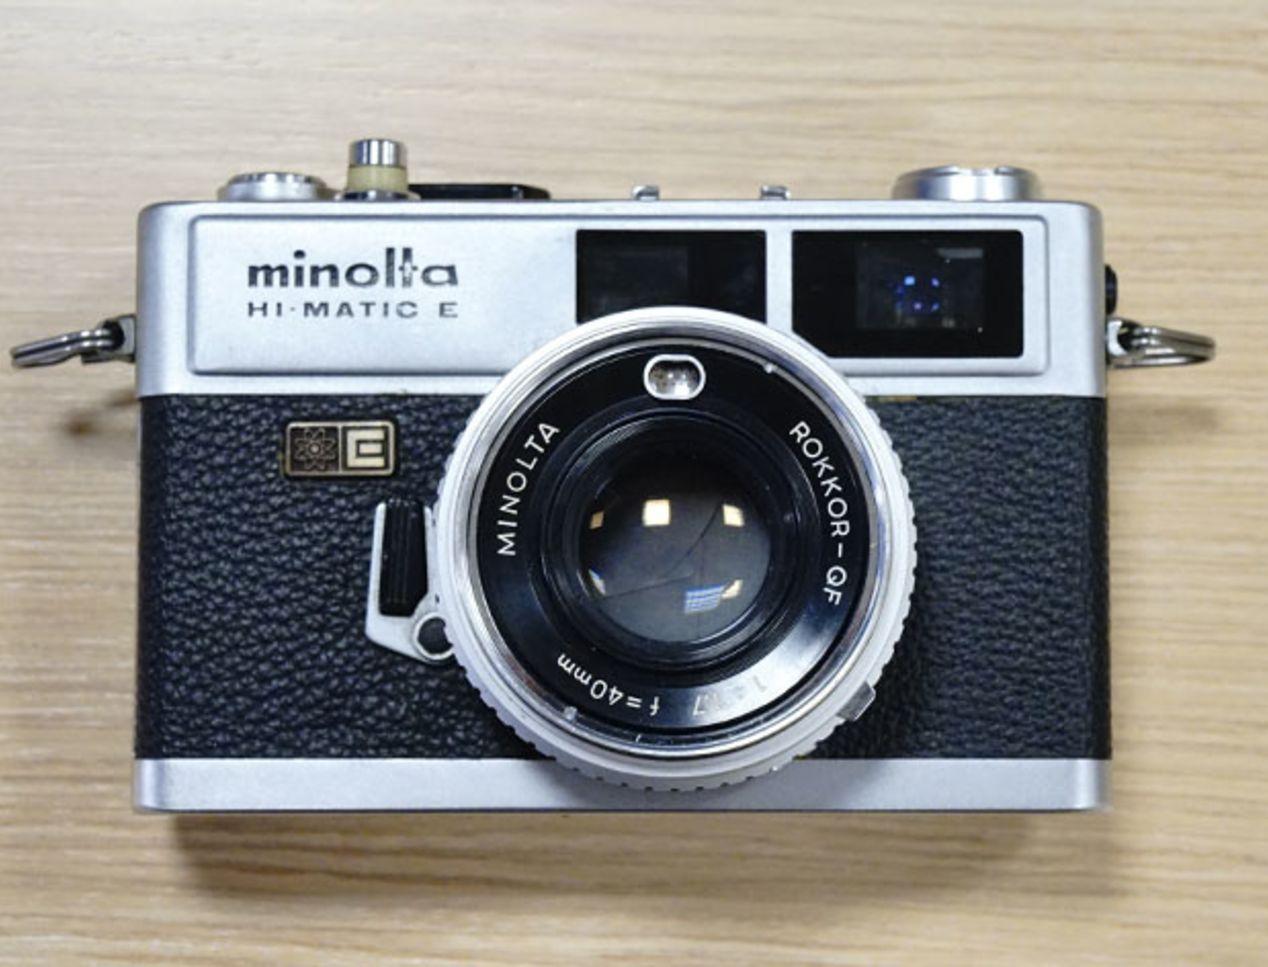 Minolta Hi-Matic E ~$40.